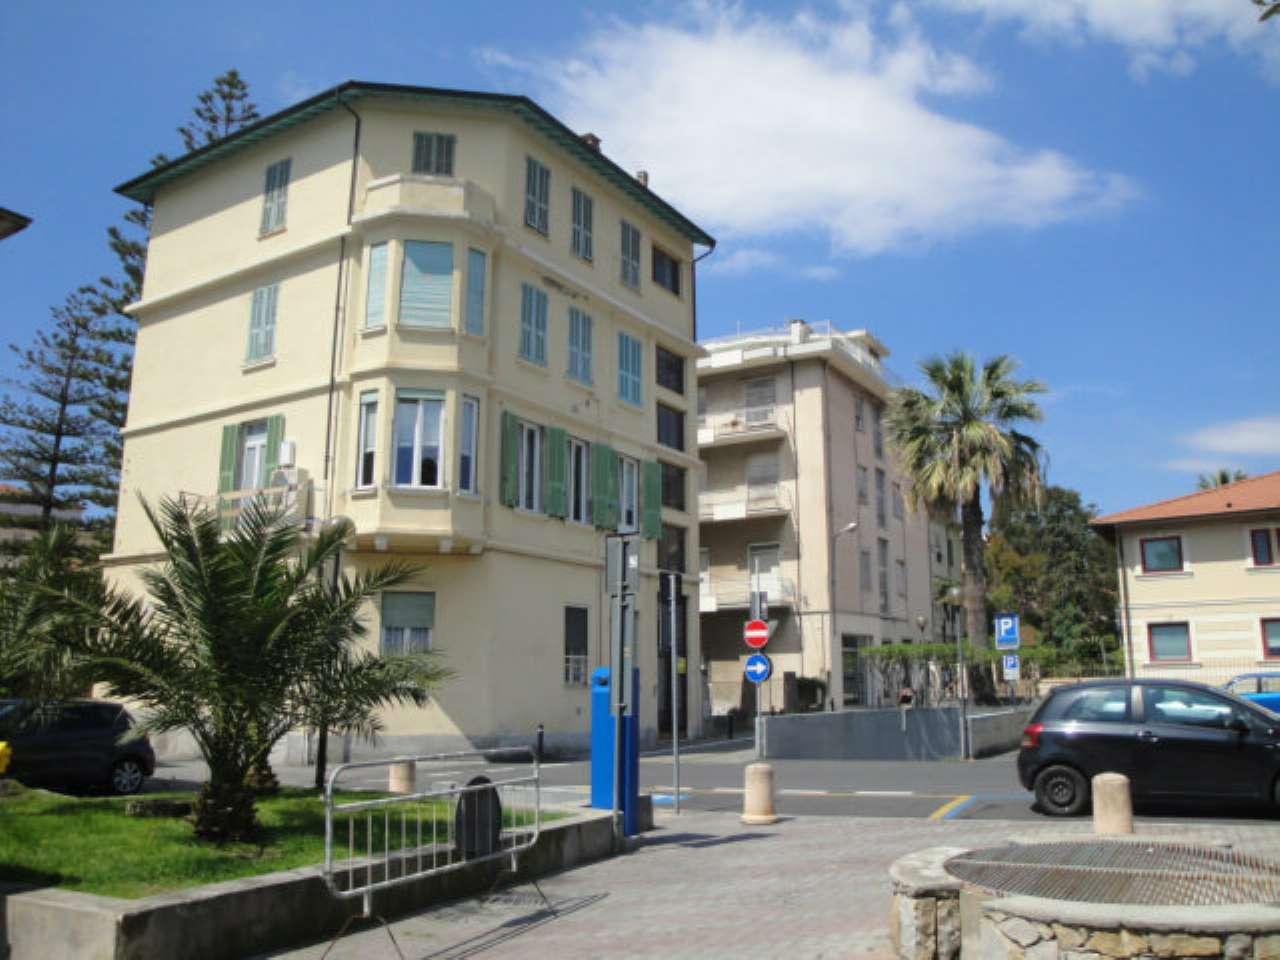 Appartamento in Vendita a Bordighera: 5 locali, 120 mq